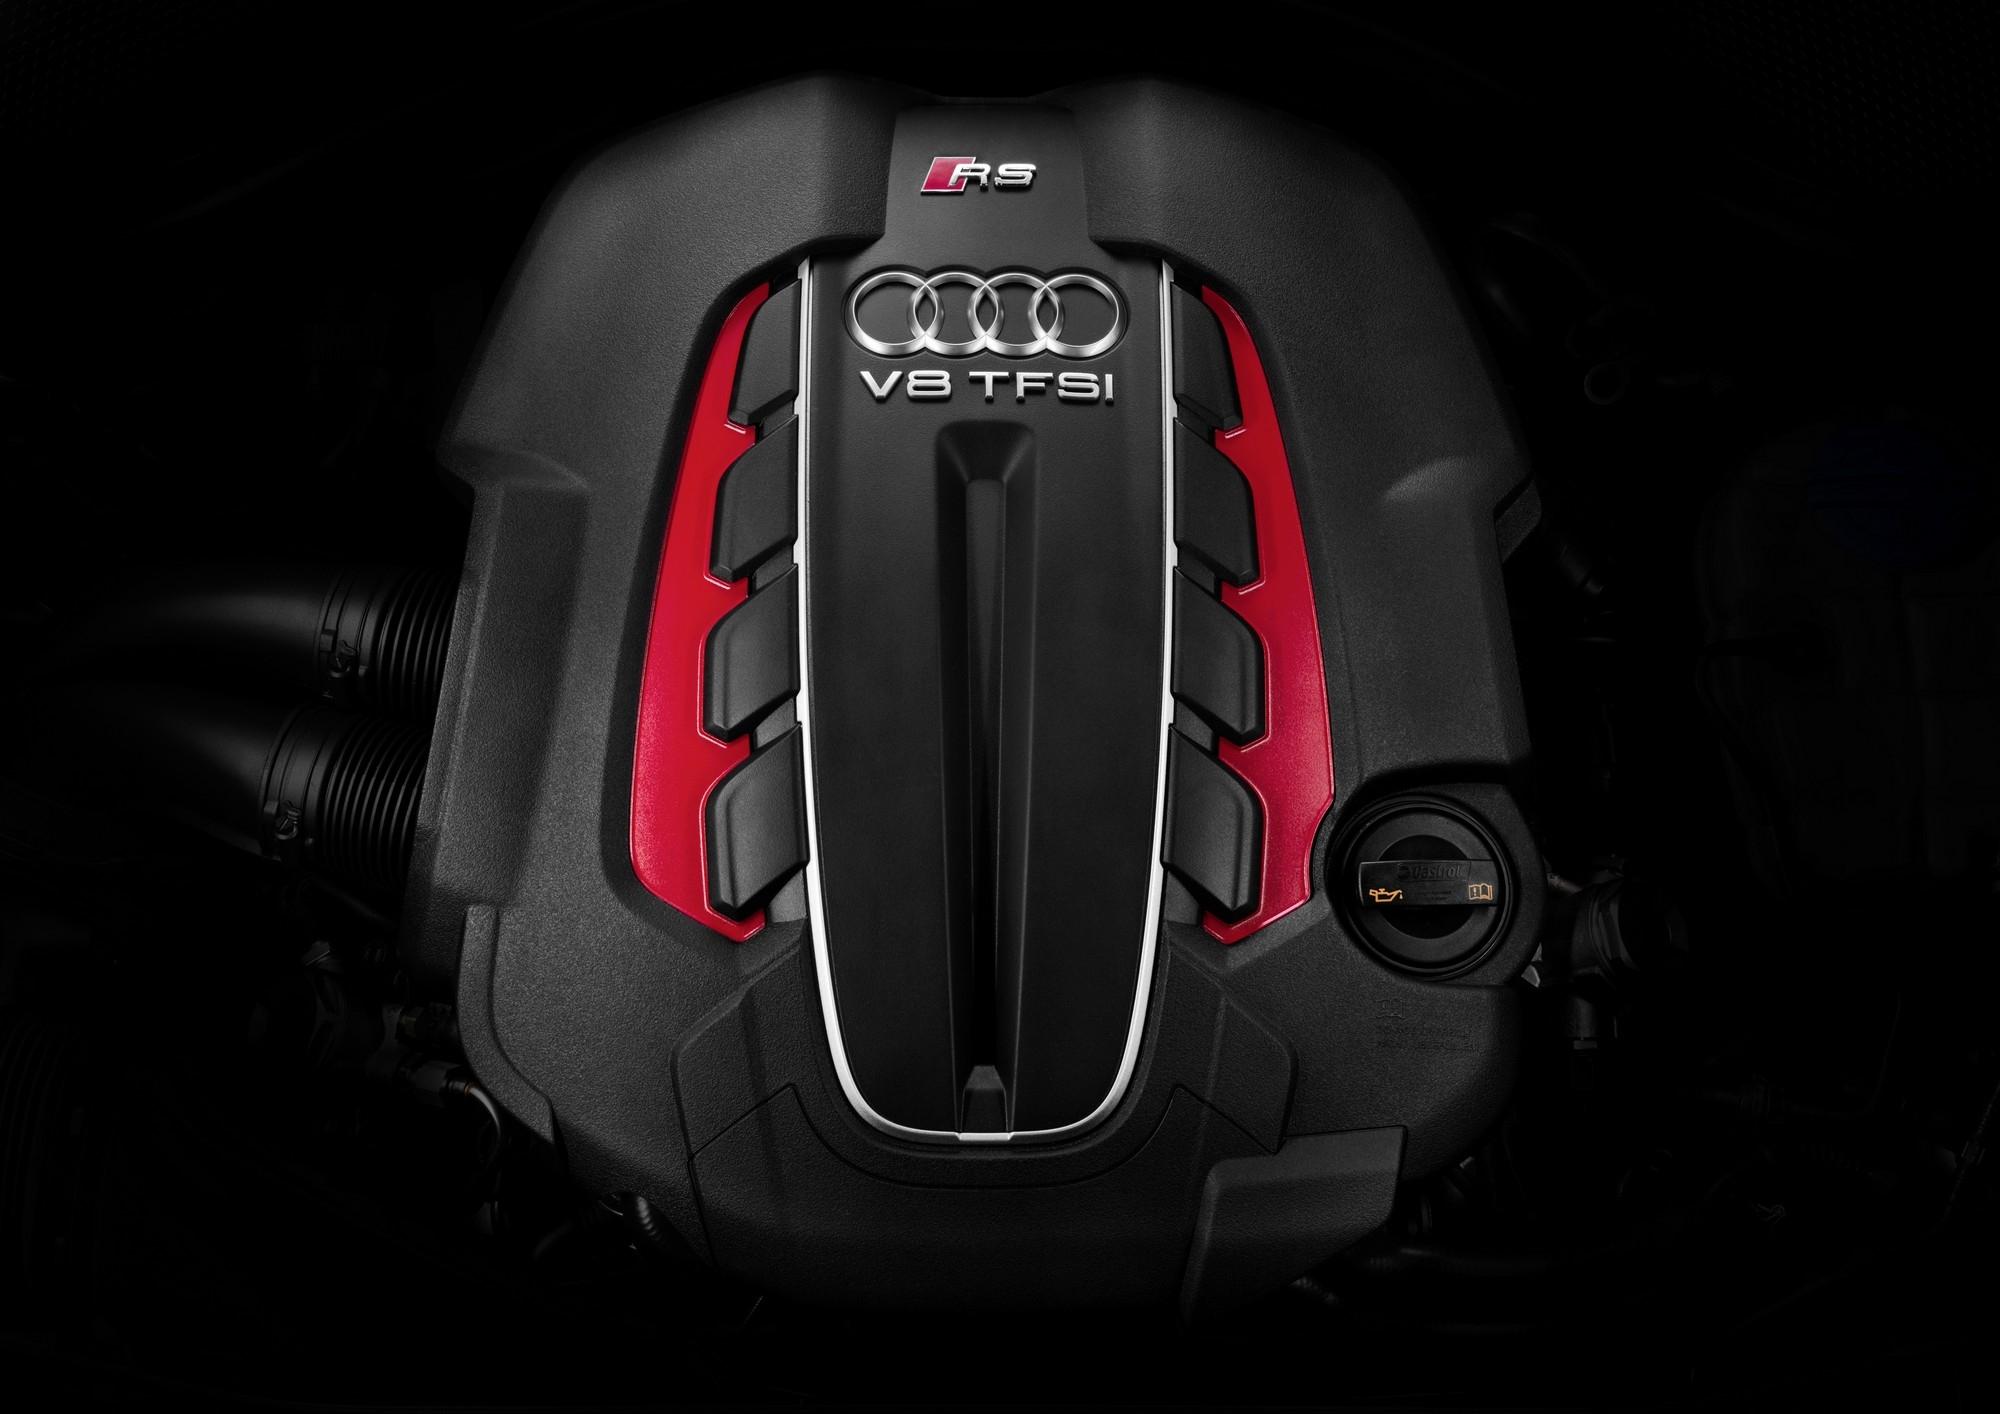 52789 скачать обои Ауди (Audi), Тачки (Cars), Двигатель, Автомобиля, Rs6 - заставки и картинки бесплатно